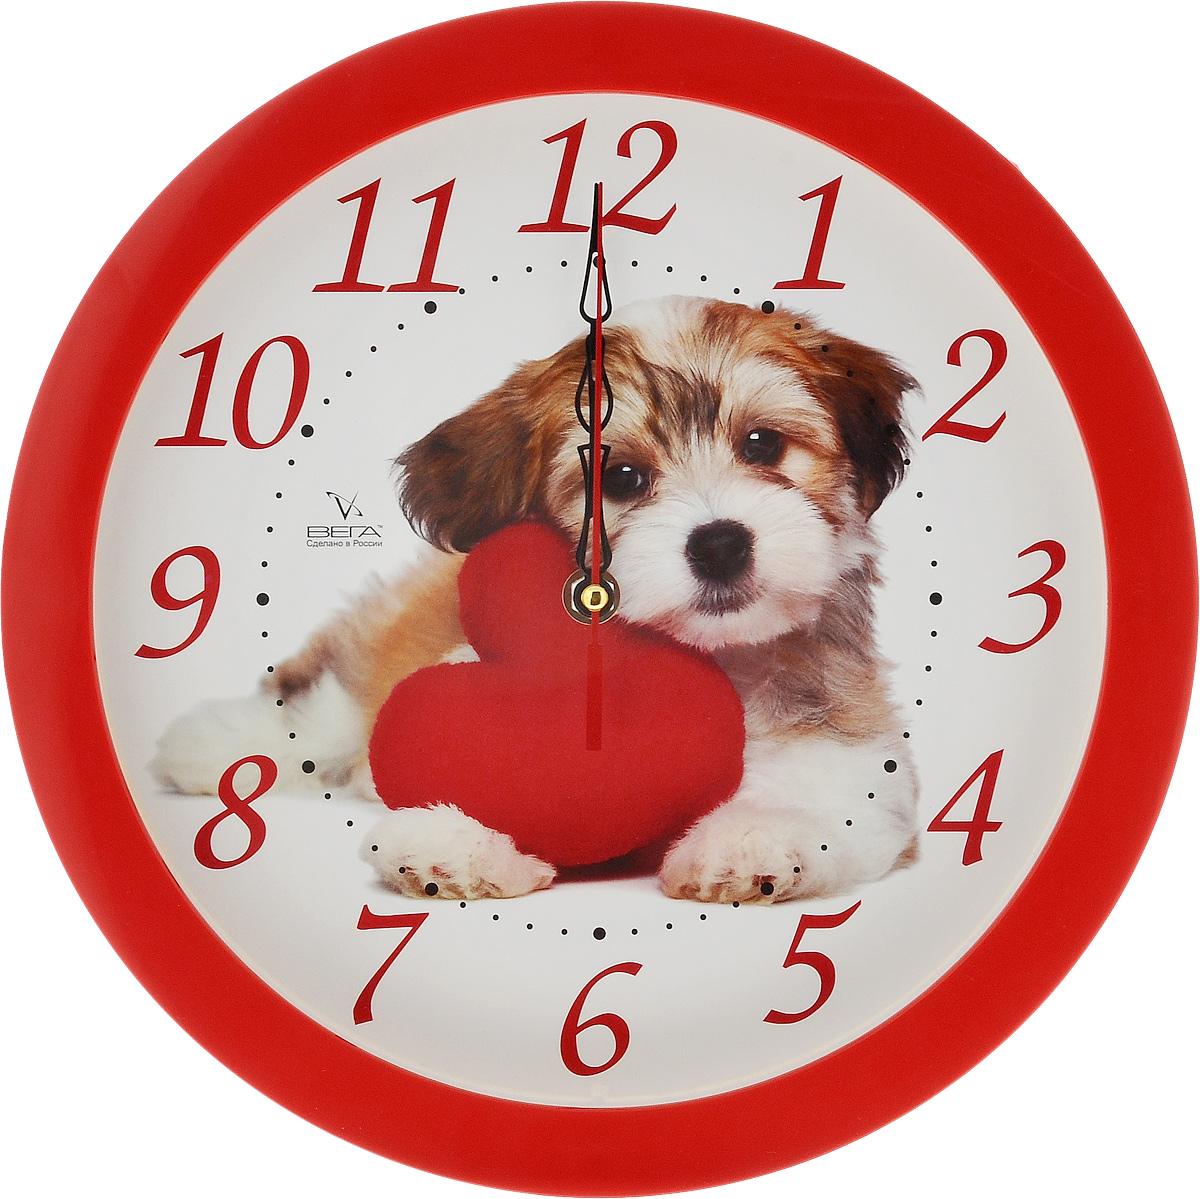 Часы настенные Вега Собака, диаметр 28,5 см300164_черный, кошкиНастенные кварцевые часы Вега Собака, изготовленные из пластика, прекрасно впишутся в интерьер вашего дома. Круглые часы имеют три стрелки: часовую, минутную и секундную, циферблат защищен прозрачным стеклом. Часы работают от 1 батарейки типа АА напряжением 1,5 В (не входит в комплект). Прилагается инструкция по эксплуатации. Диаметр часов: 28,5 см.